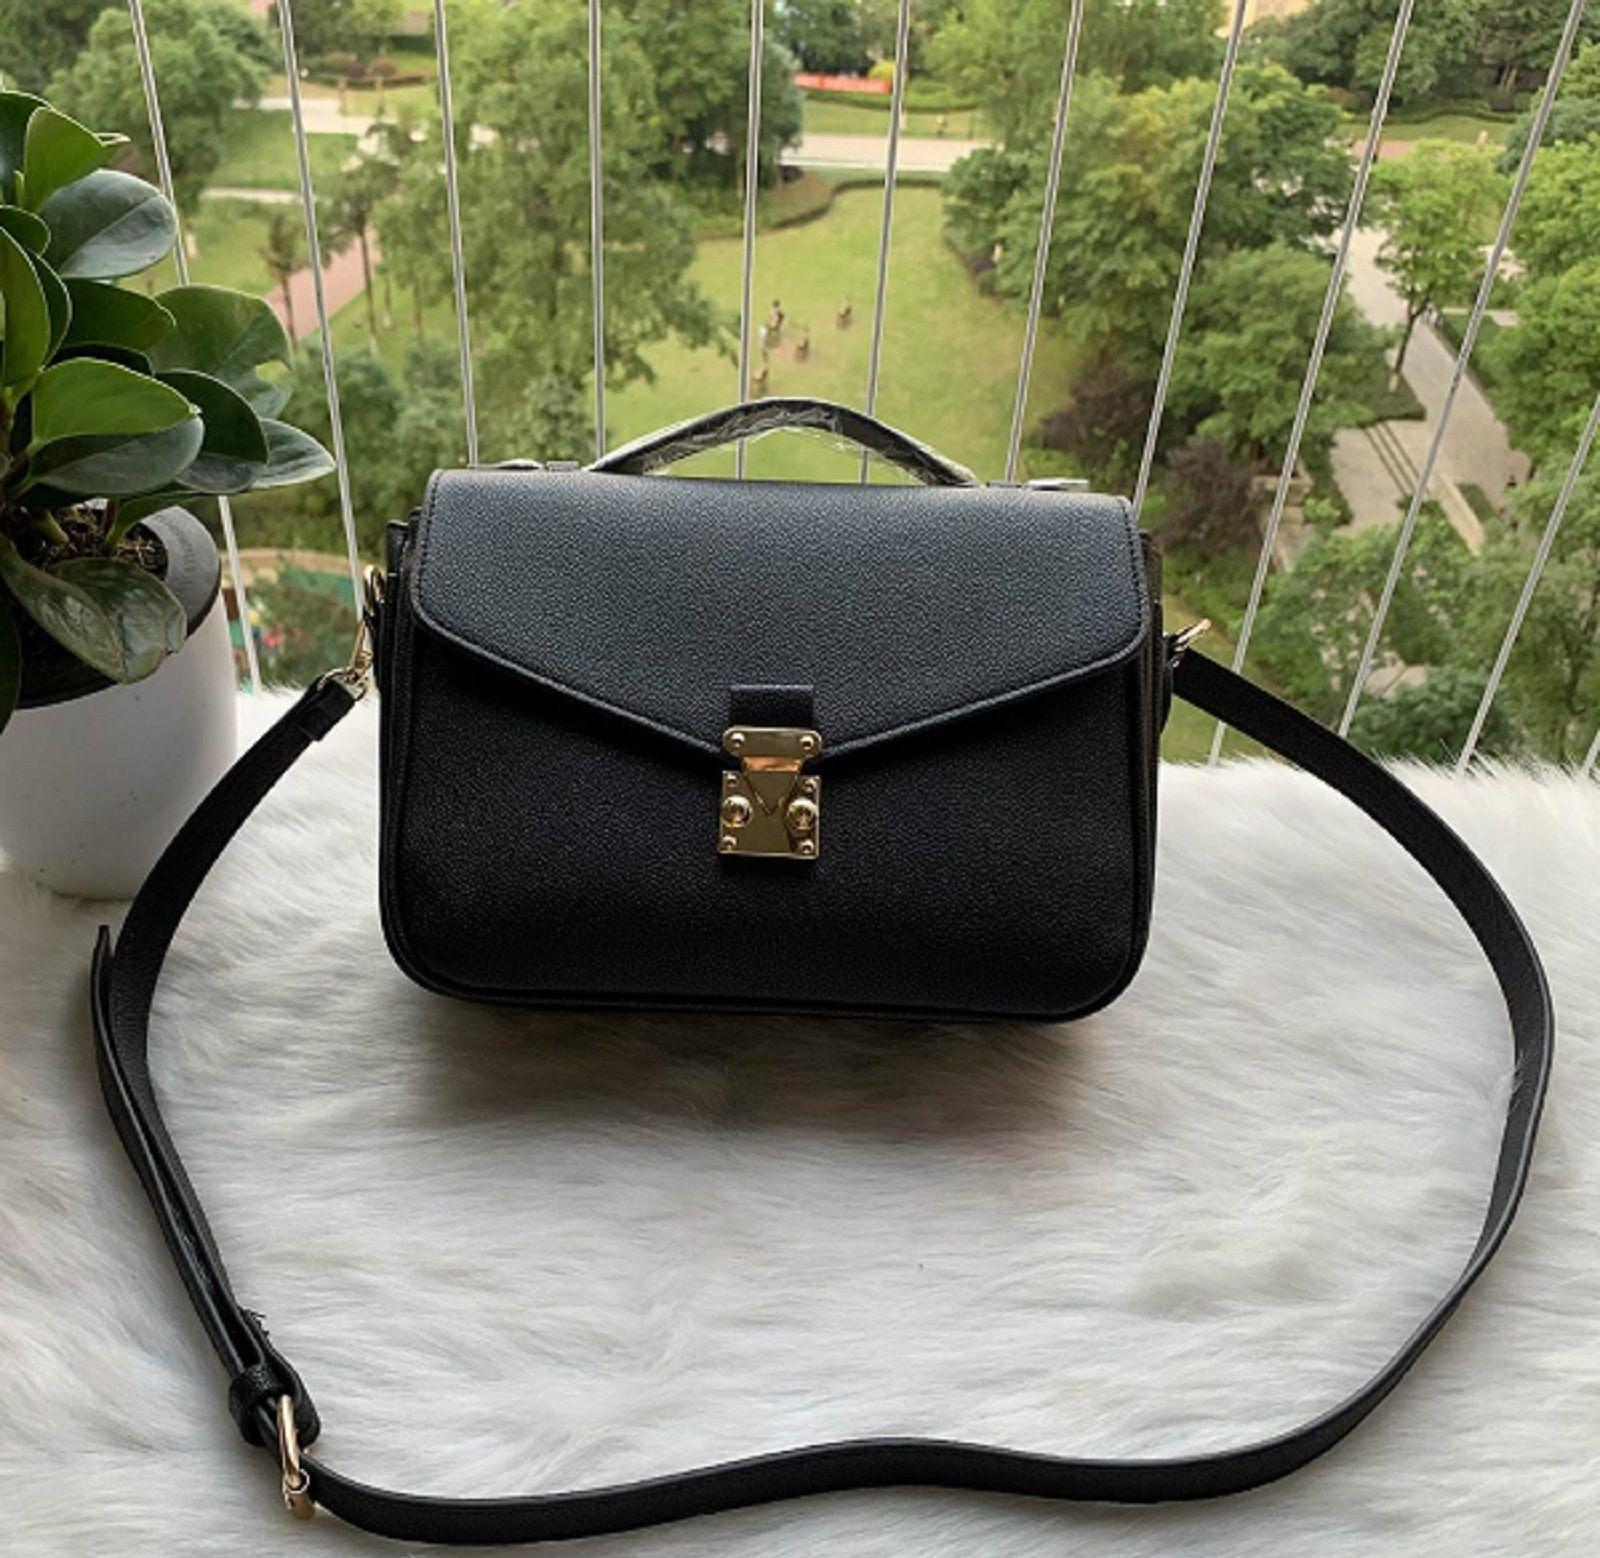 Neue Luxurys Designer Taschen Frauen Handtasche Messenger Bag Oxidation Leder Pochette Metis Elegante Umhängetaschen Crossbody Shopping Taschen Tote